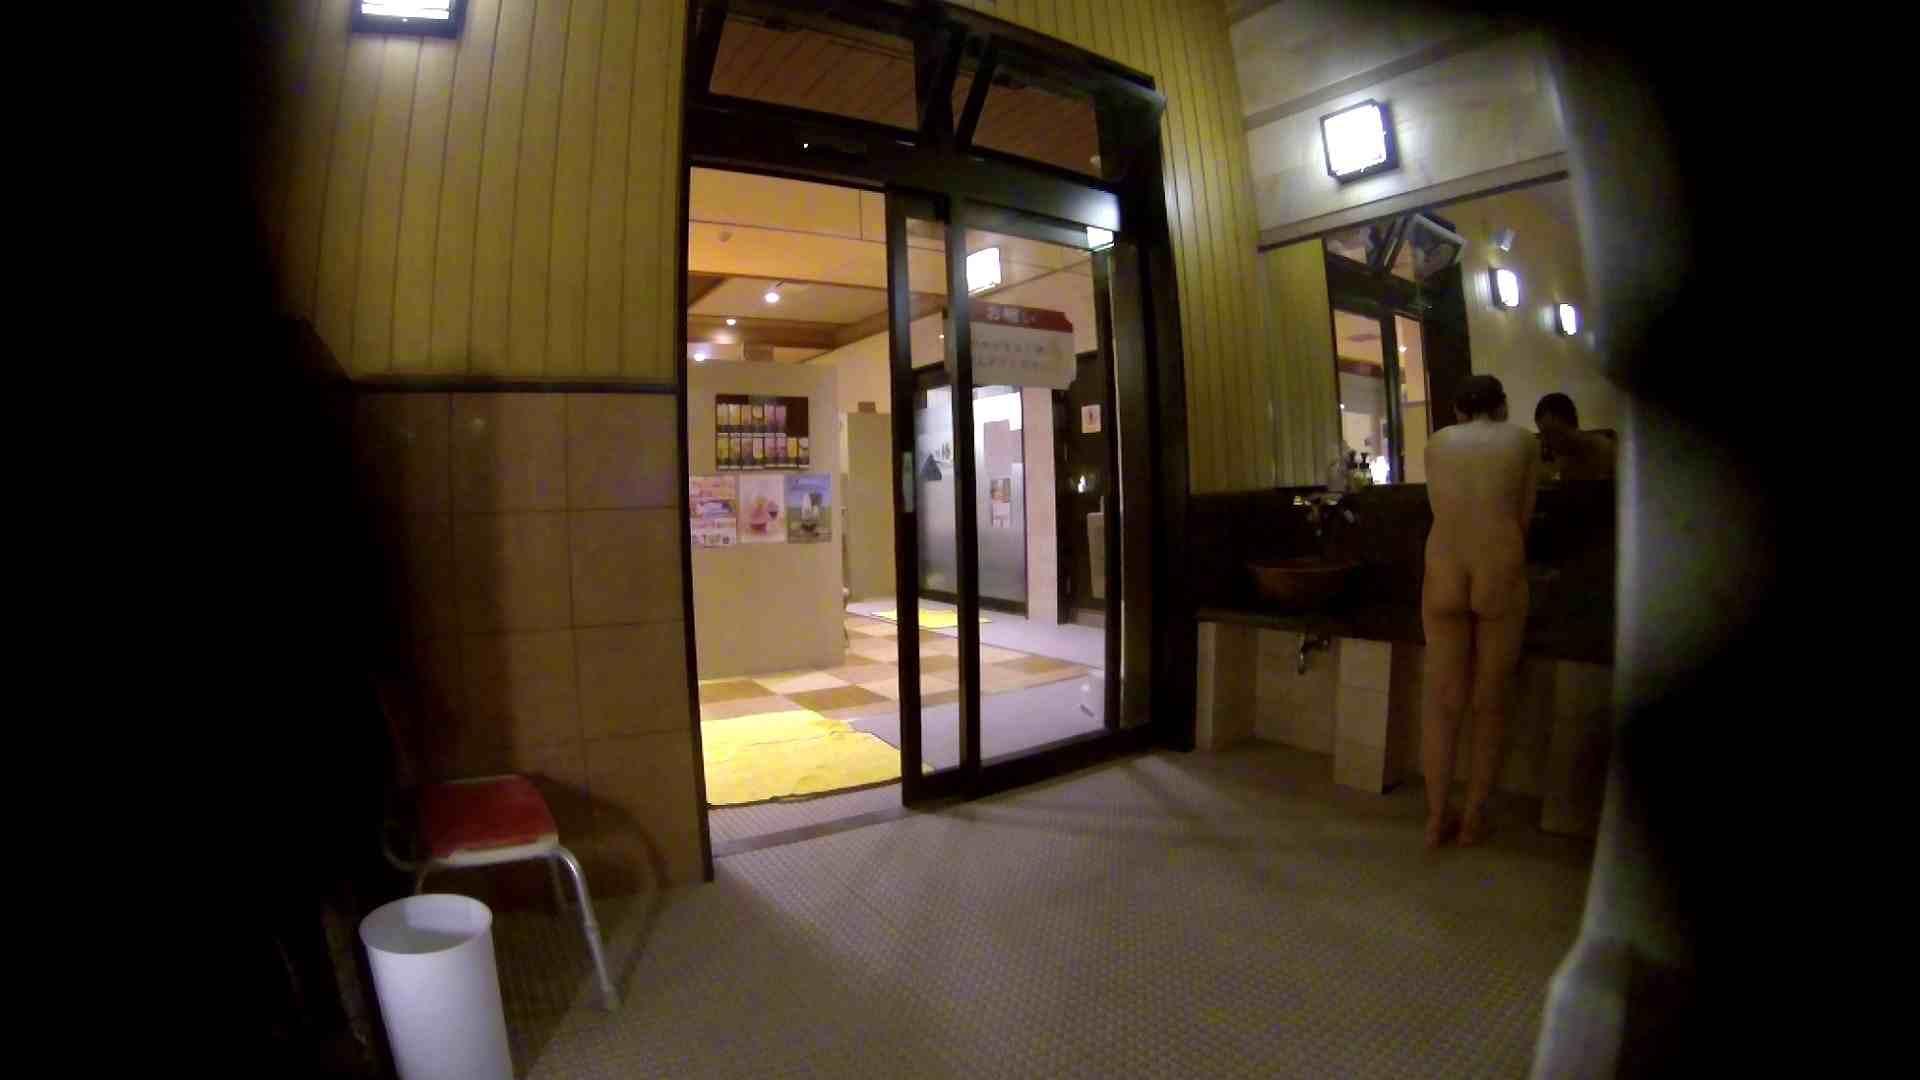 オムニバス!出入り口~シャワー~メイク室と移動。たくさんの女性が登場します ギャル達 | アラ30  81枚 31